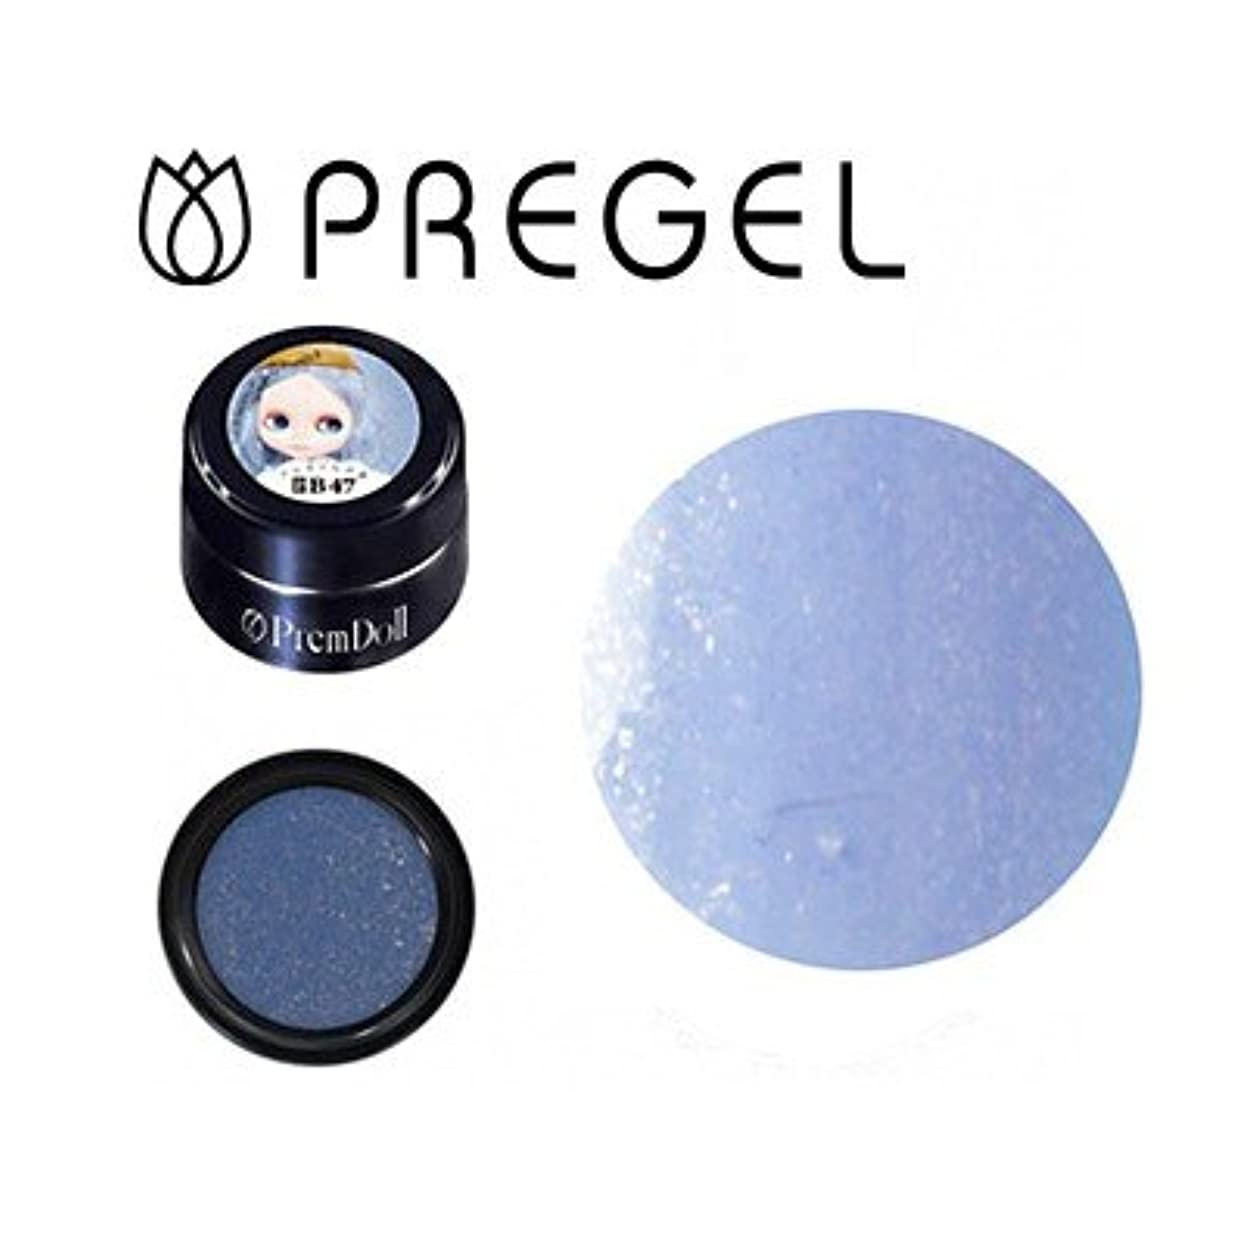 オリエンタル現像キルトジェルネイル カラージェル プリジェル PREGEL プリムドール ジェーンレフロイシリーズ DOLL-B47 アルタイルの涙